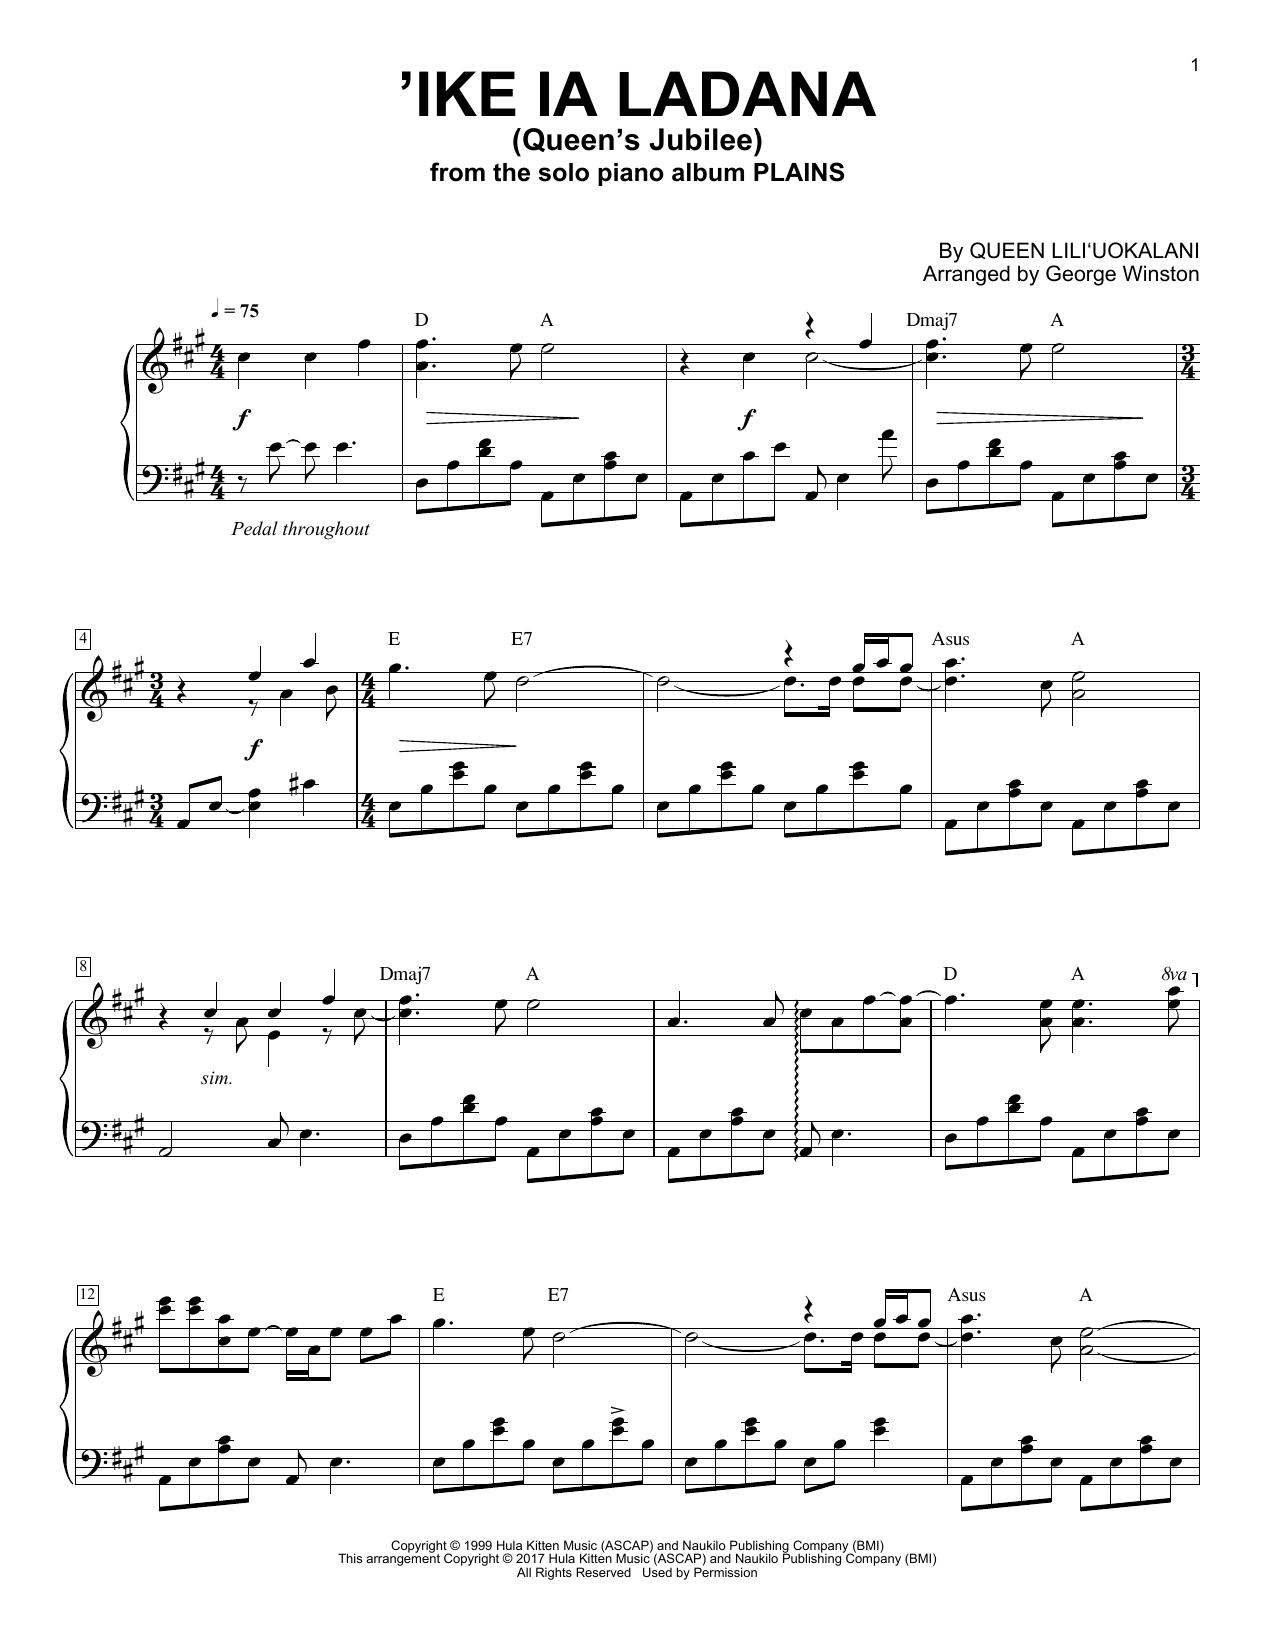 Ike La Ladana (Queen's Jubilee) (Piano Solo)